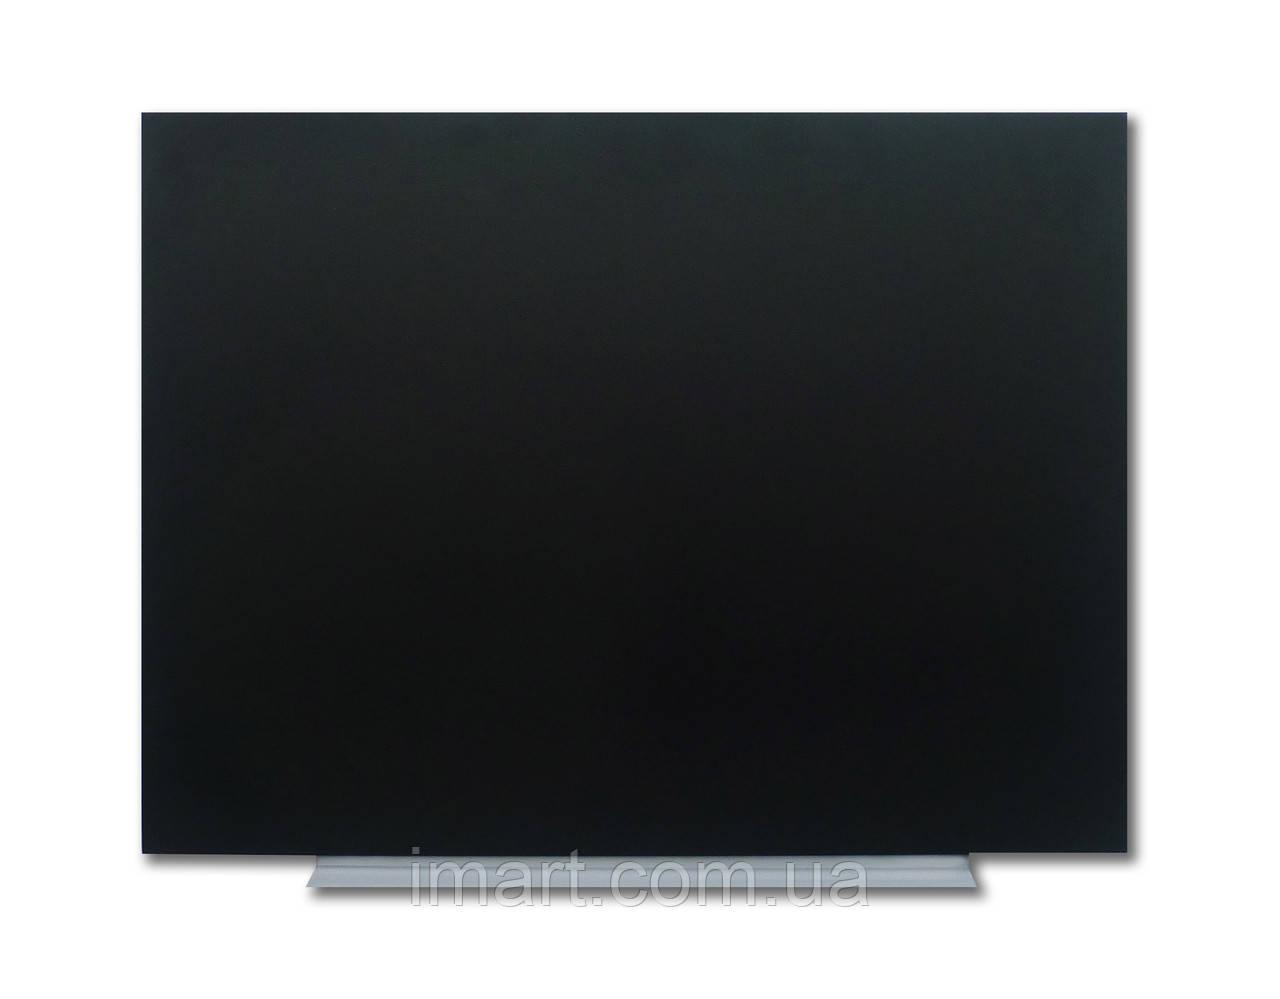 Крейдяна дошка магнітна тонка 100х150 безрамна Tetris